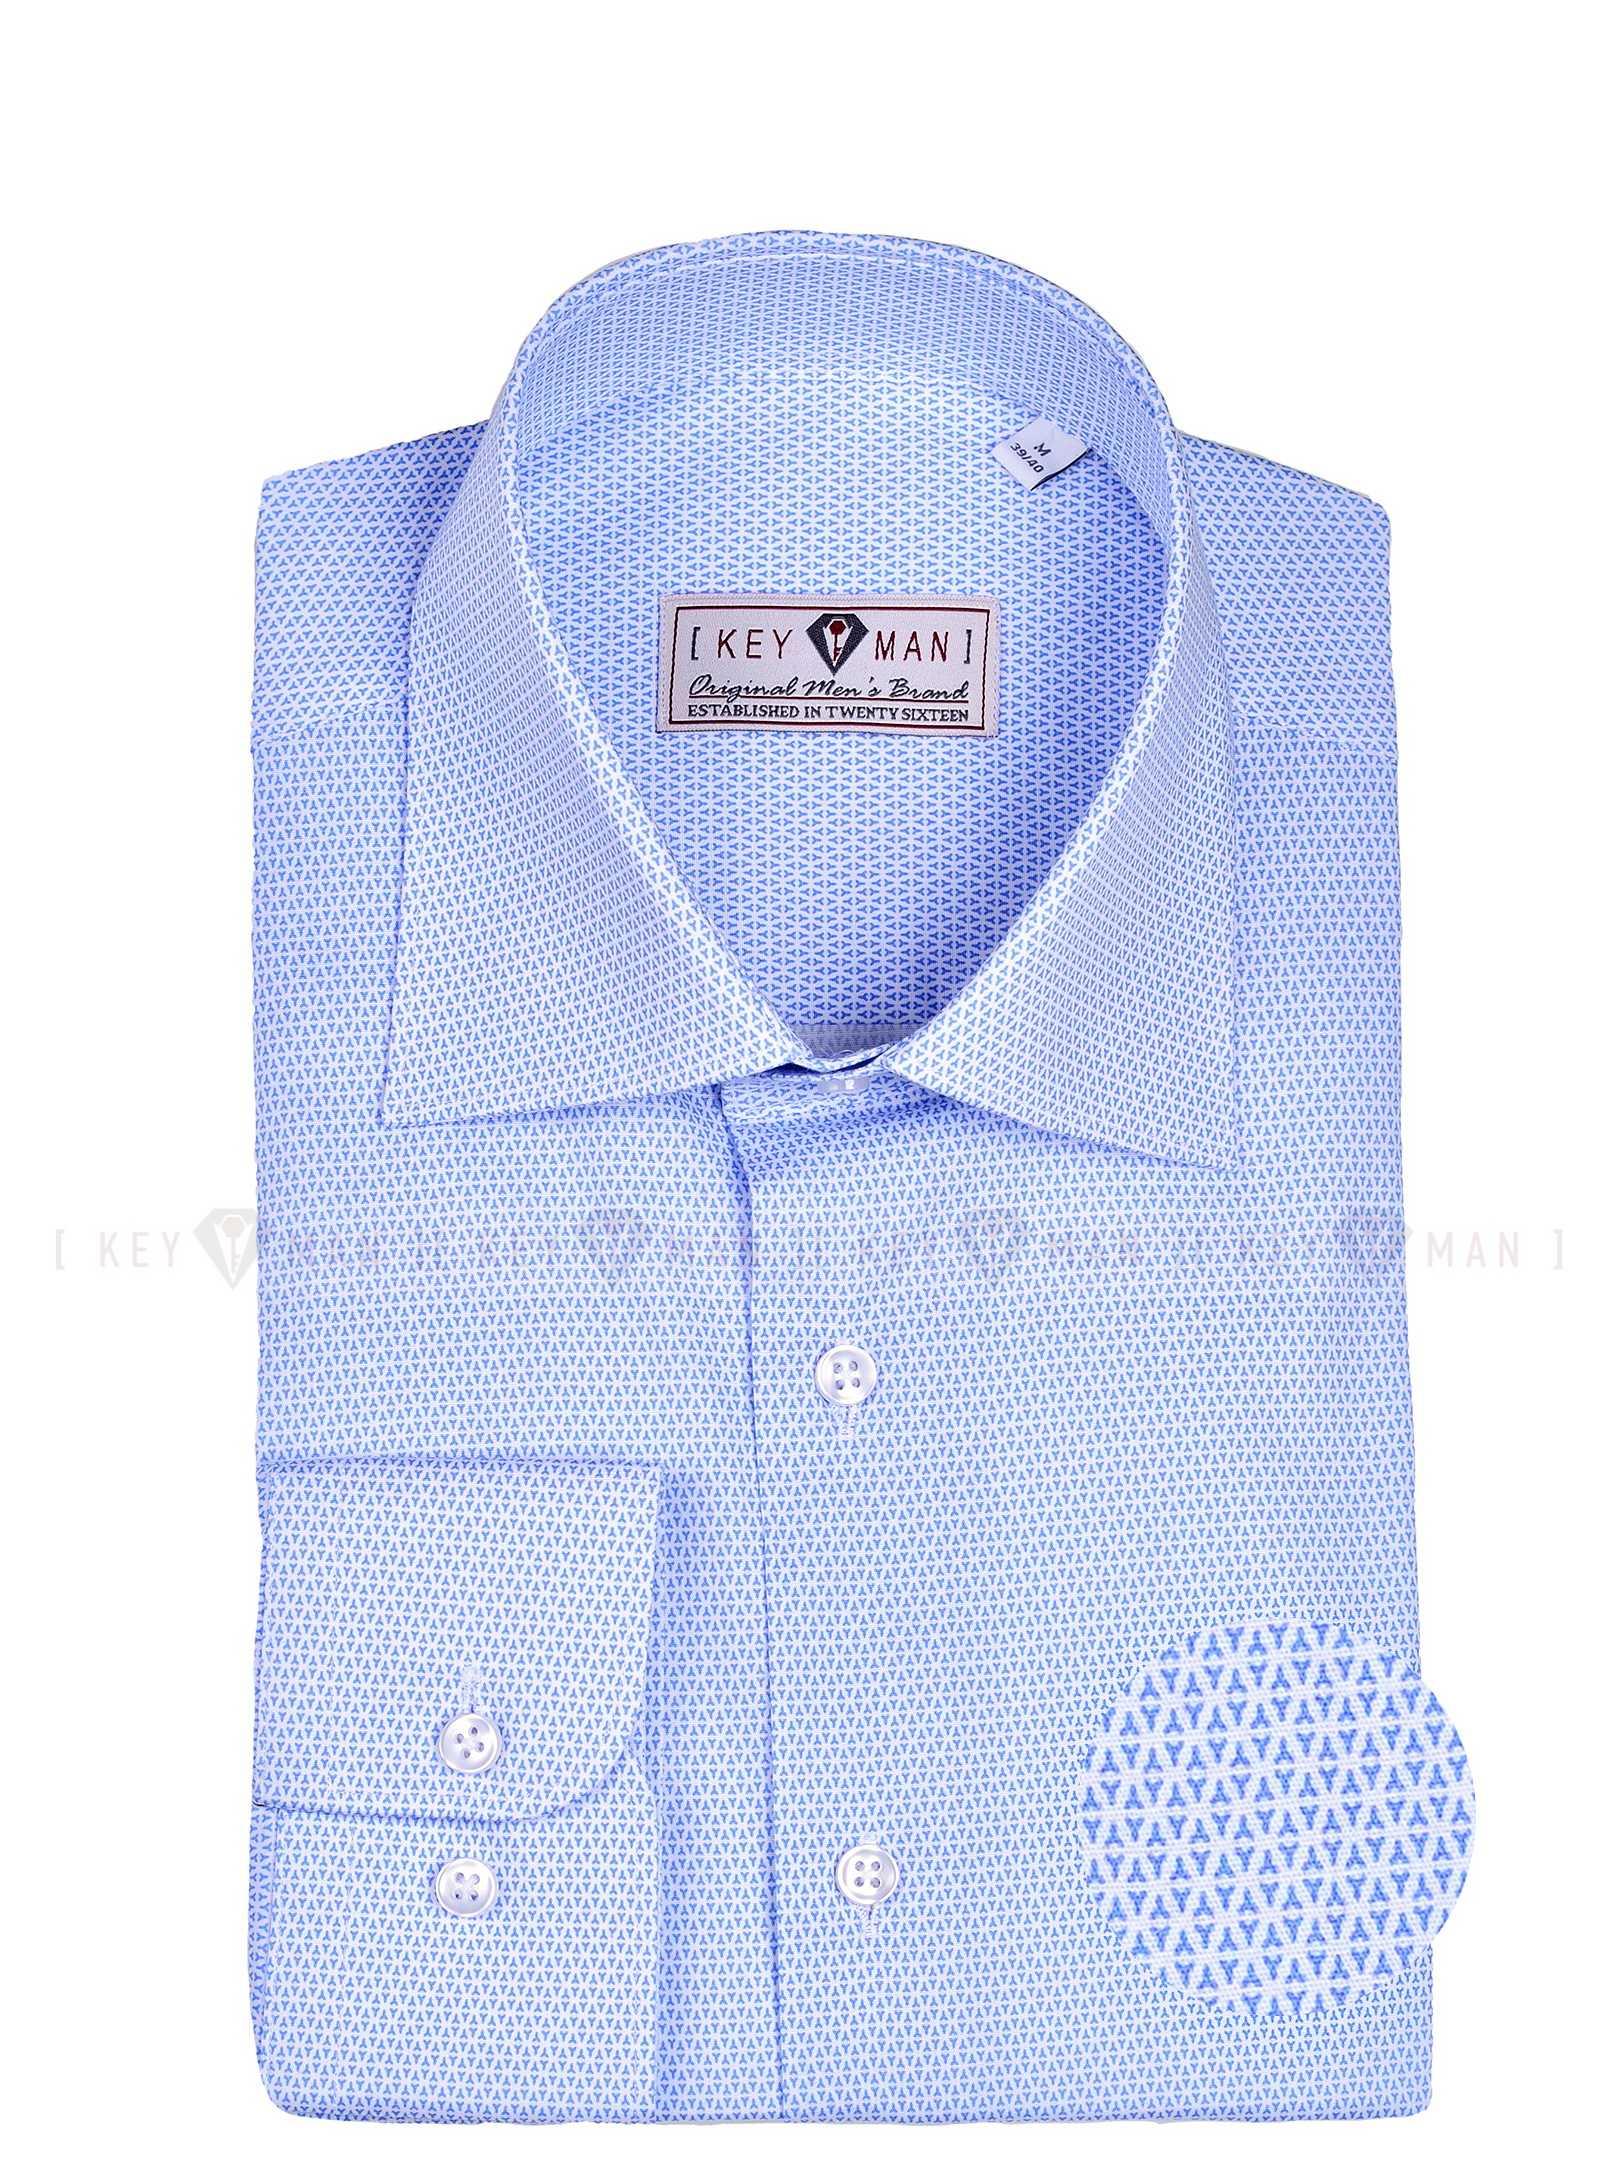 Рубашка мужская белая в мелкий треугольный голубой узор с лайкрой, классика воротник